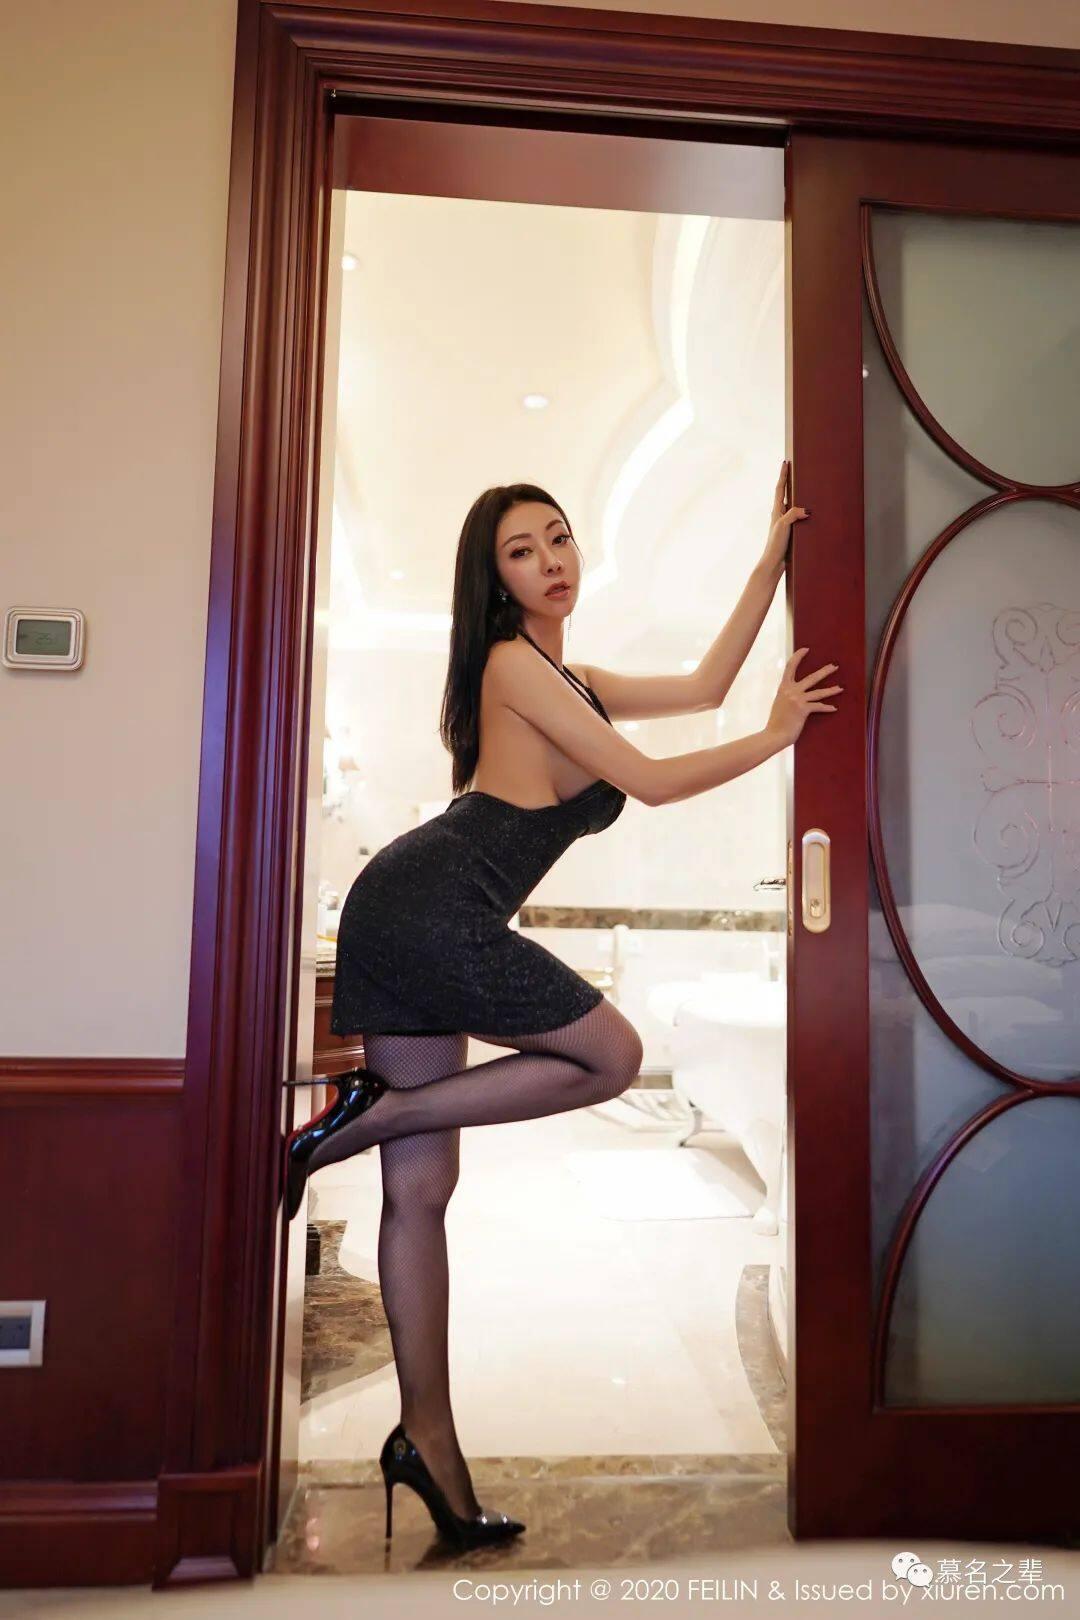 私房模特写真——松果儿Victoria(F罩杯)7